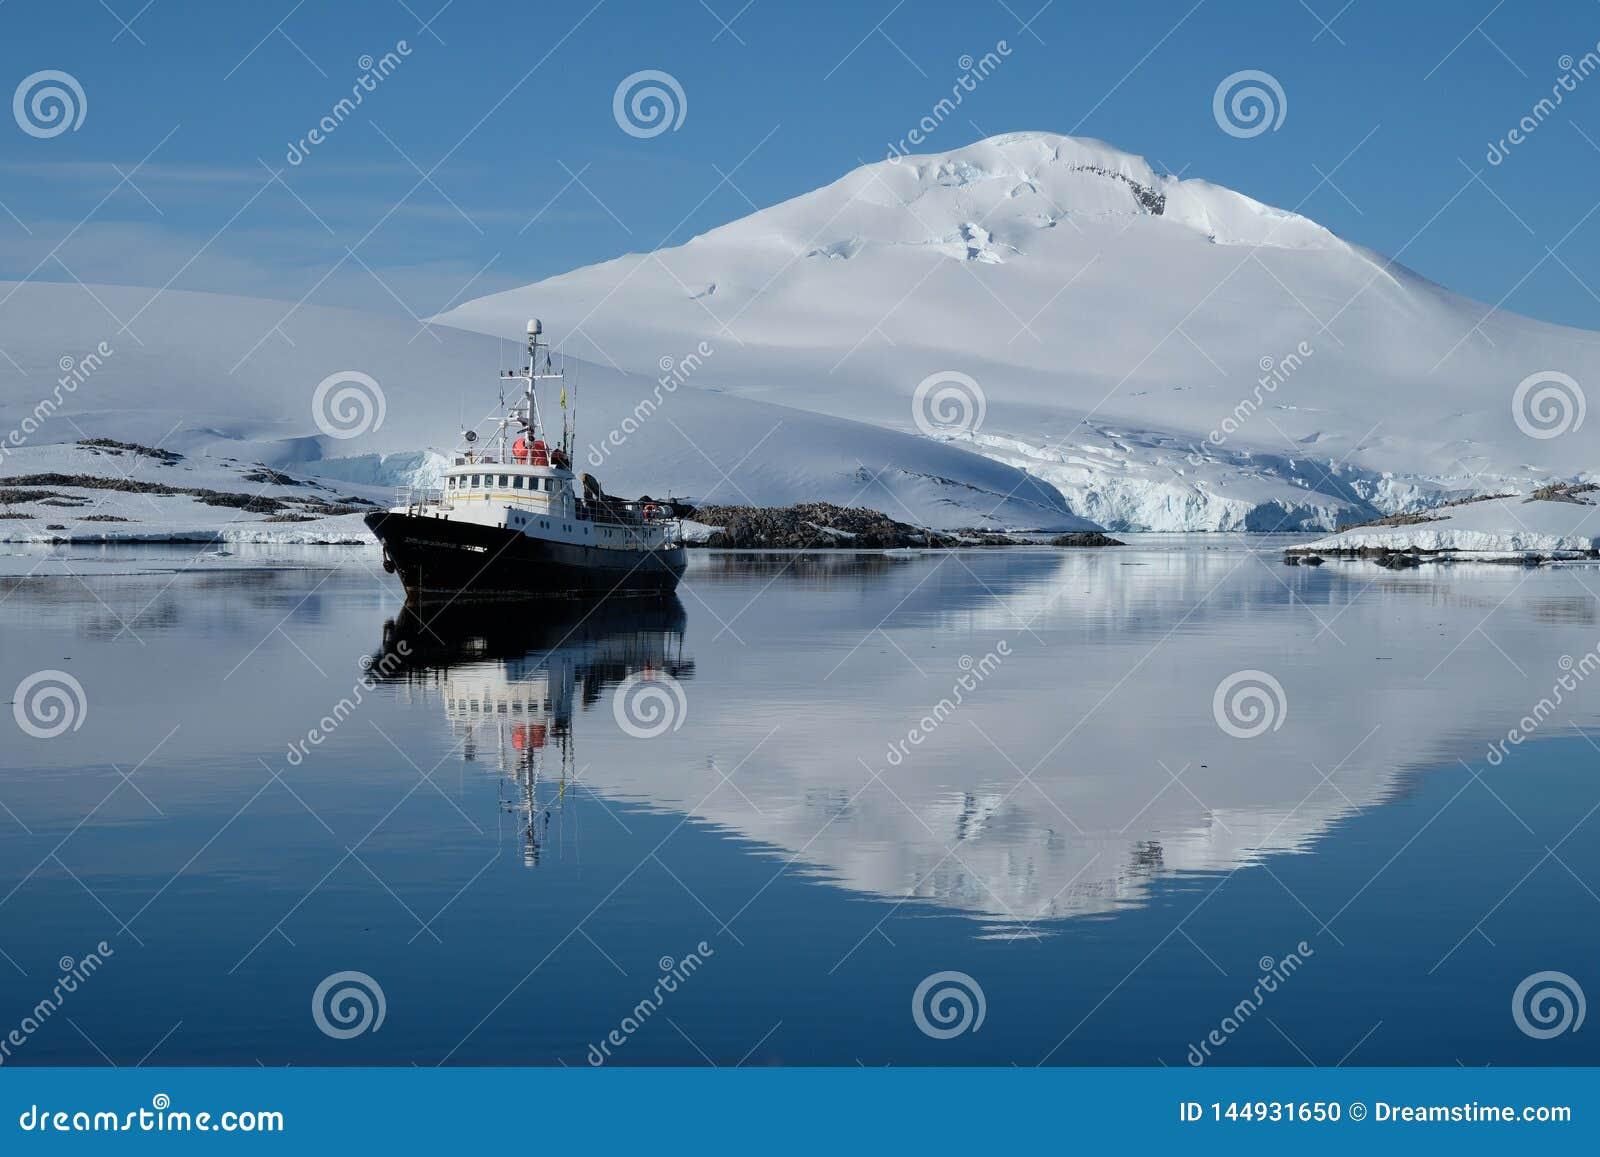 El barco de la Antártida ondula en una bahía azul del espejo debajo de la montaña capsulada la nieve blanca